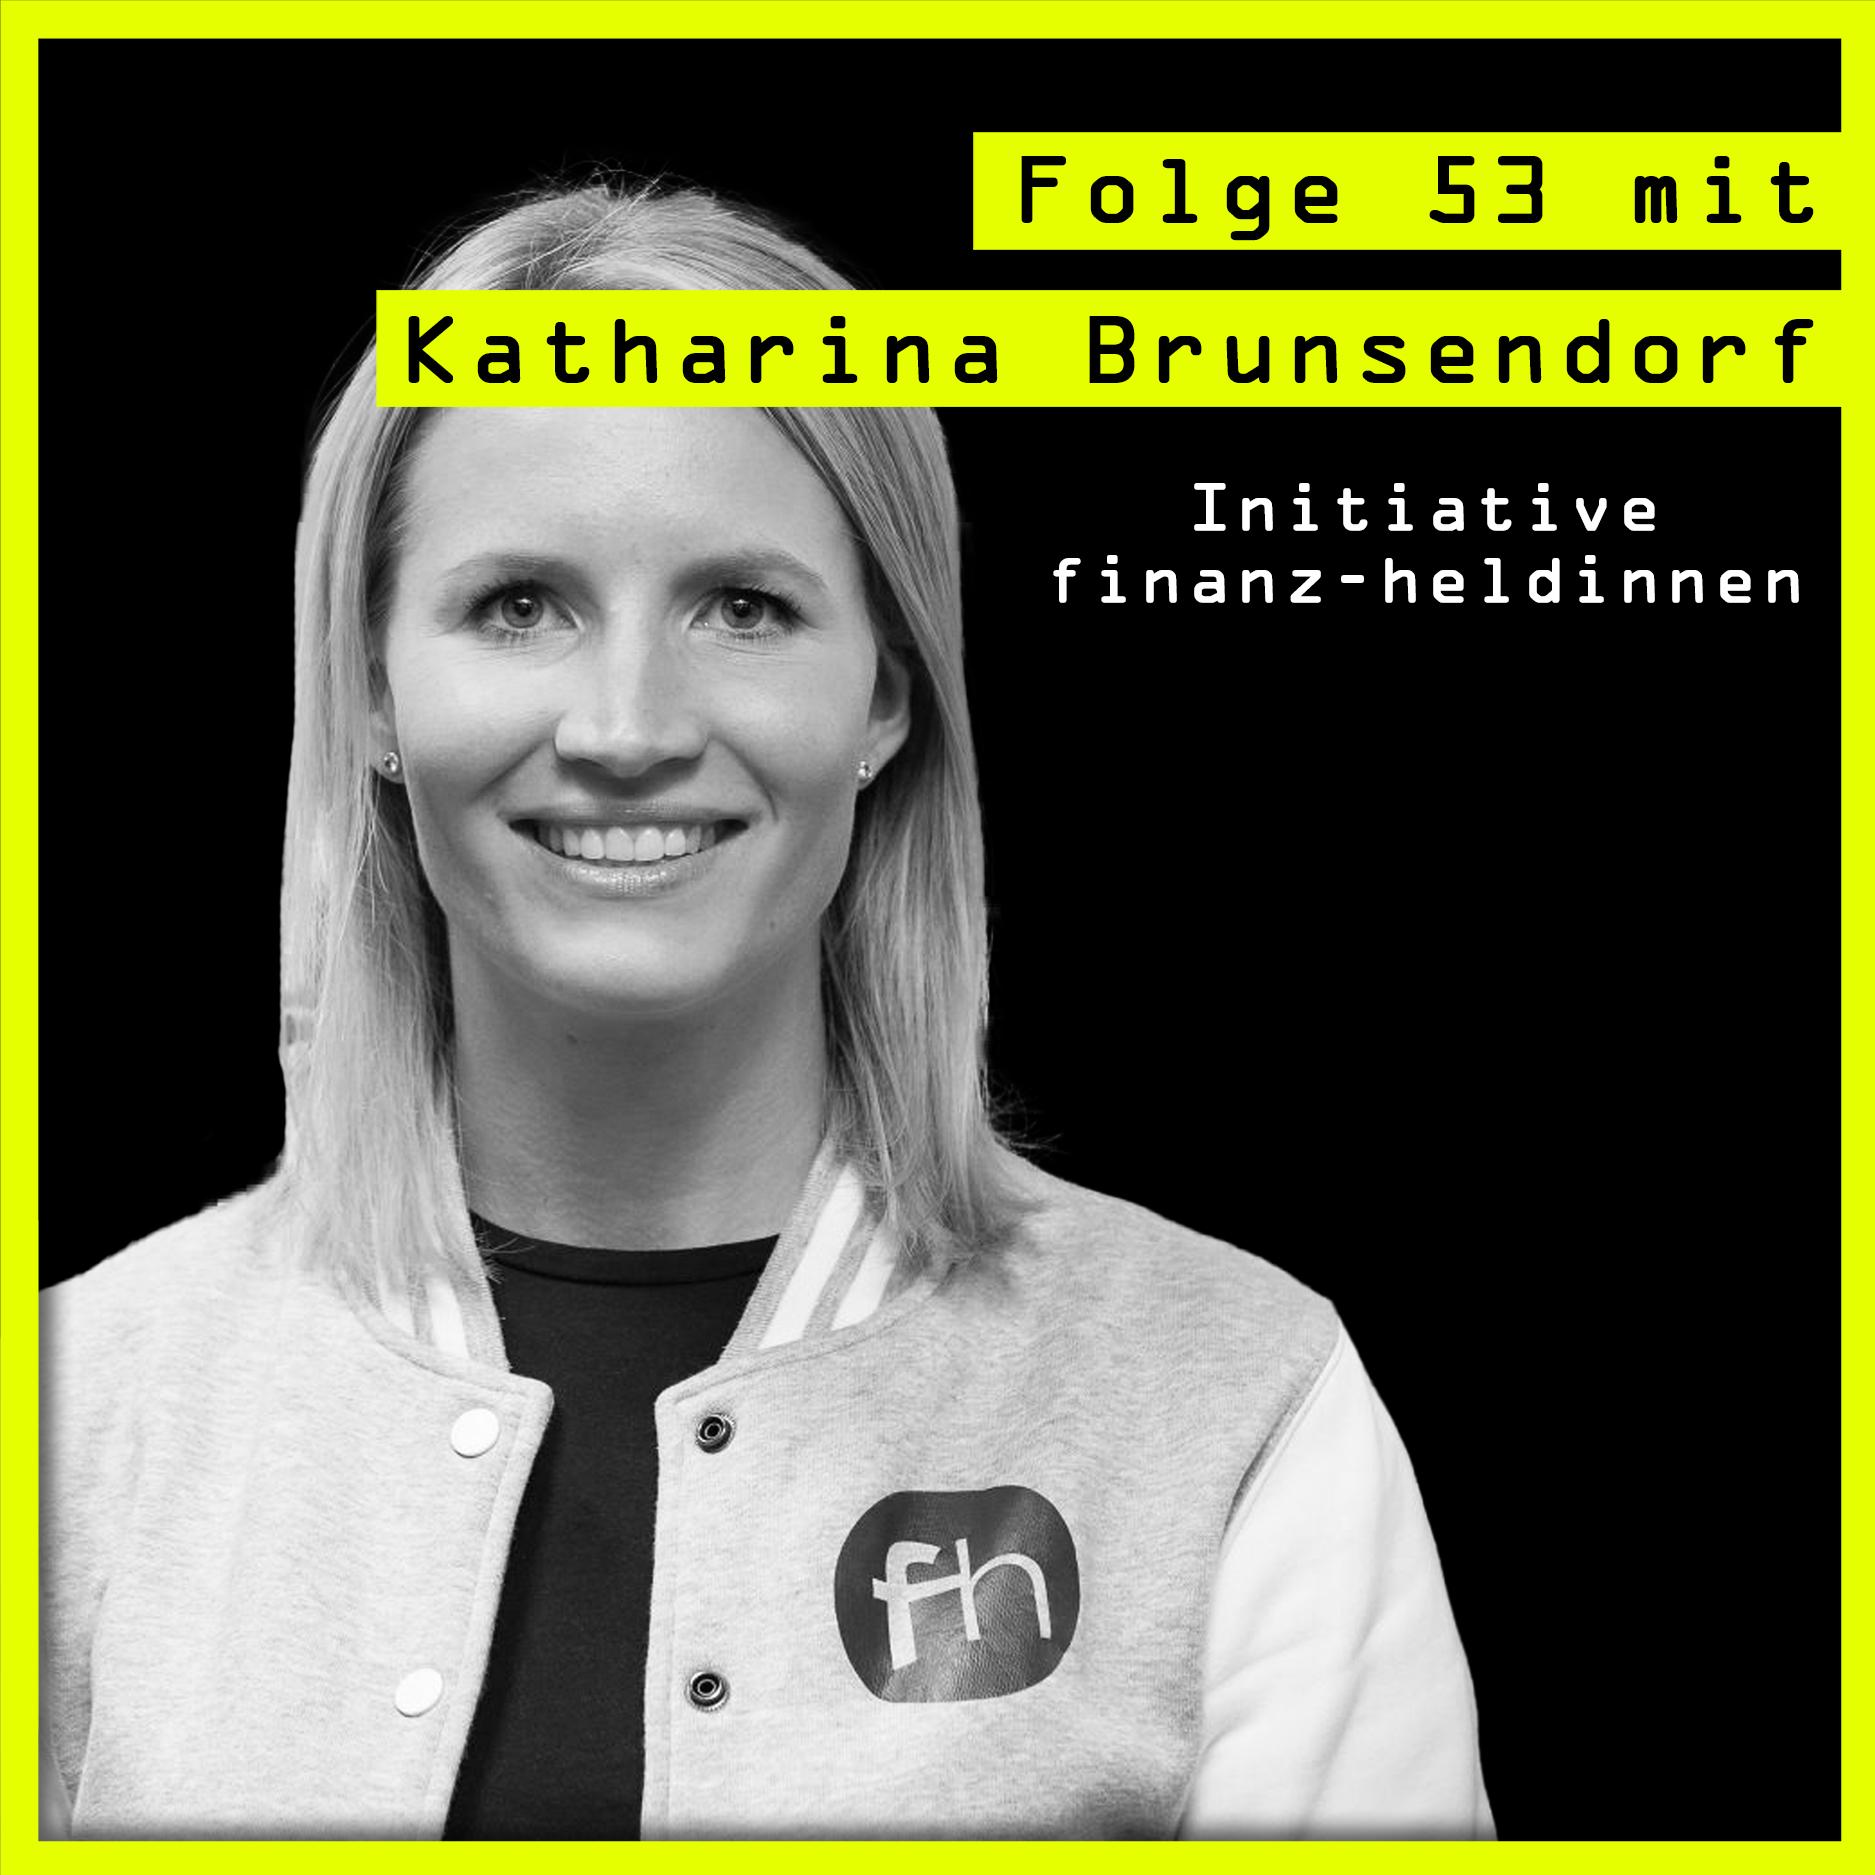 """#53 mit Katharina Brunsendorf (Projektleitung Initiative finanz-heldinnen & Herausgeberin """"Der Finanzplaner für Frauen"""")"""